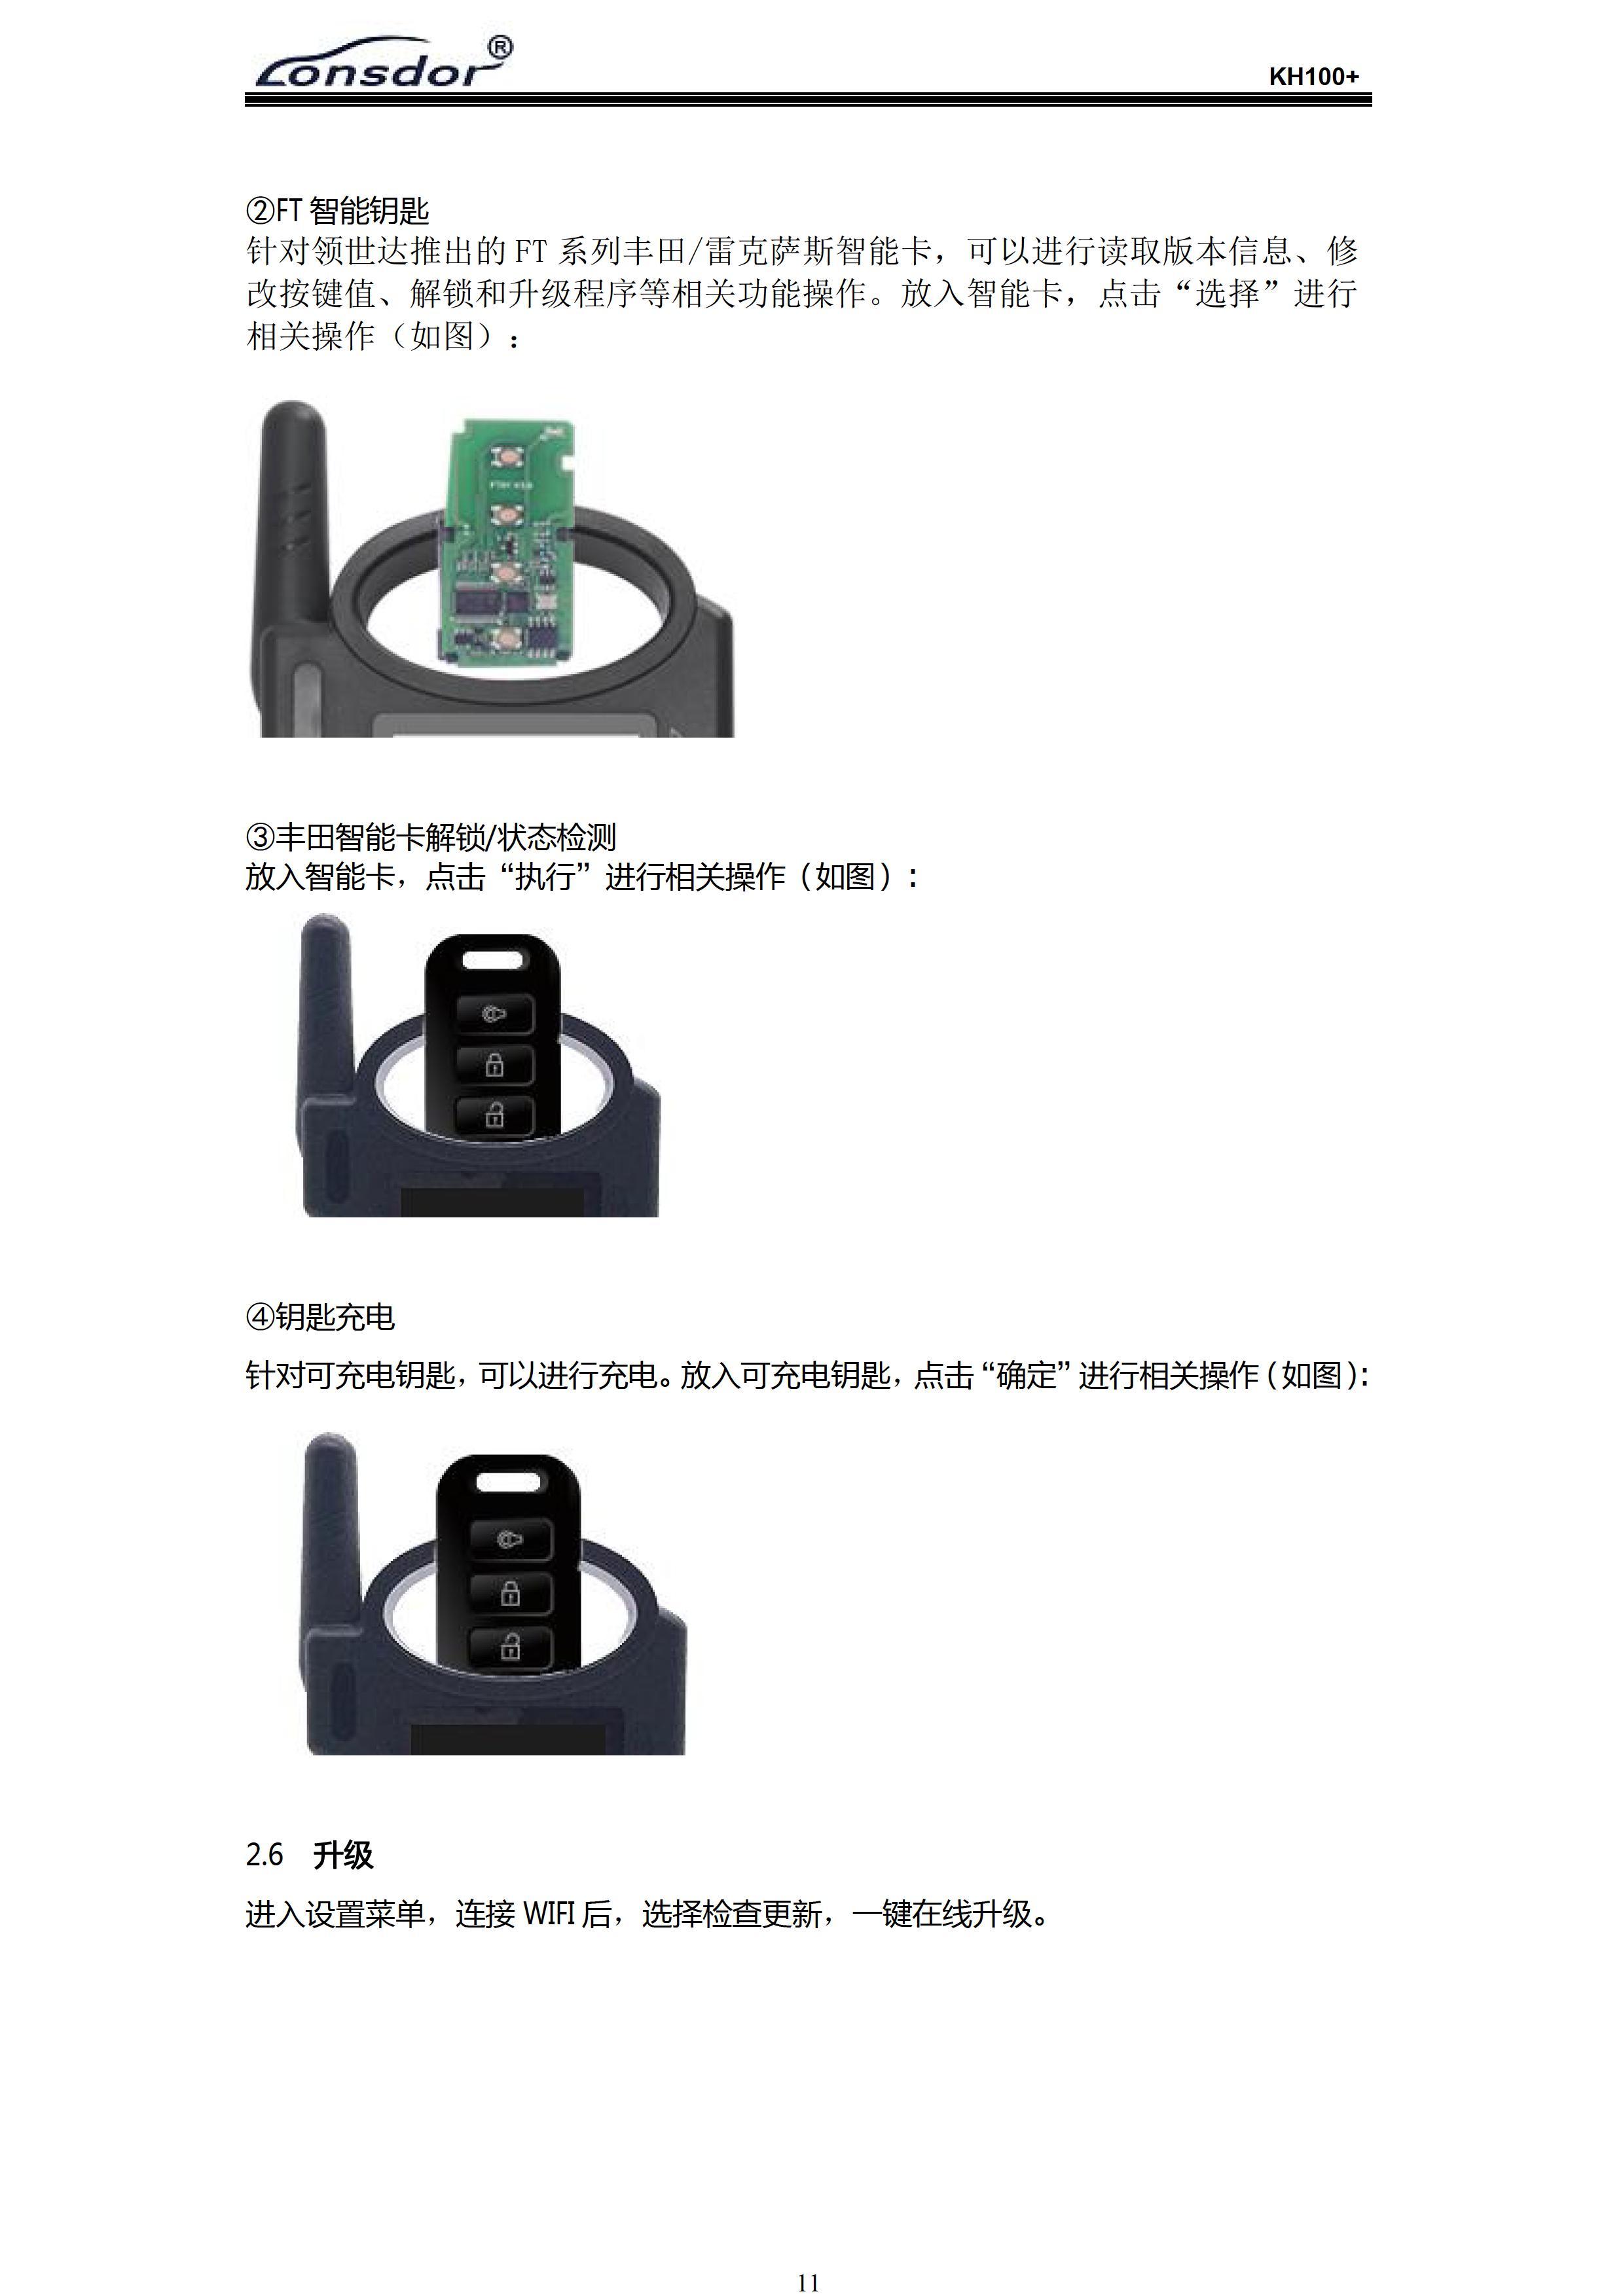 KH100说明书(110mmX75mm彩色印刷)正式版20200318 - 0012